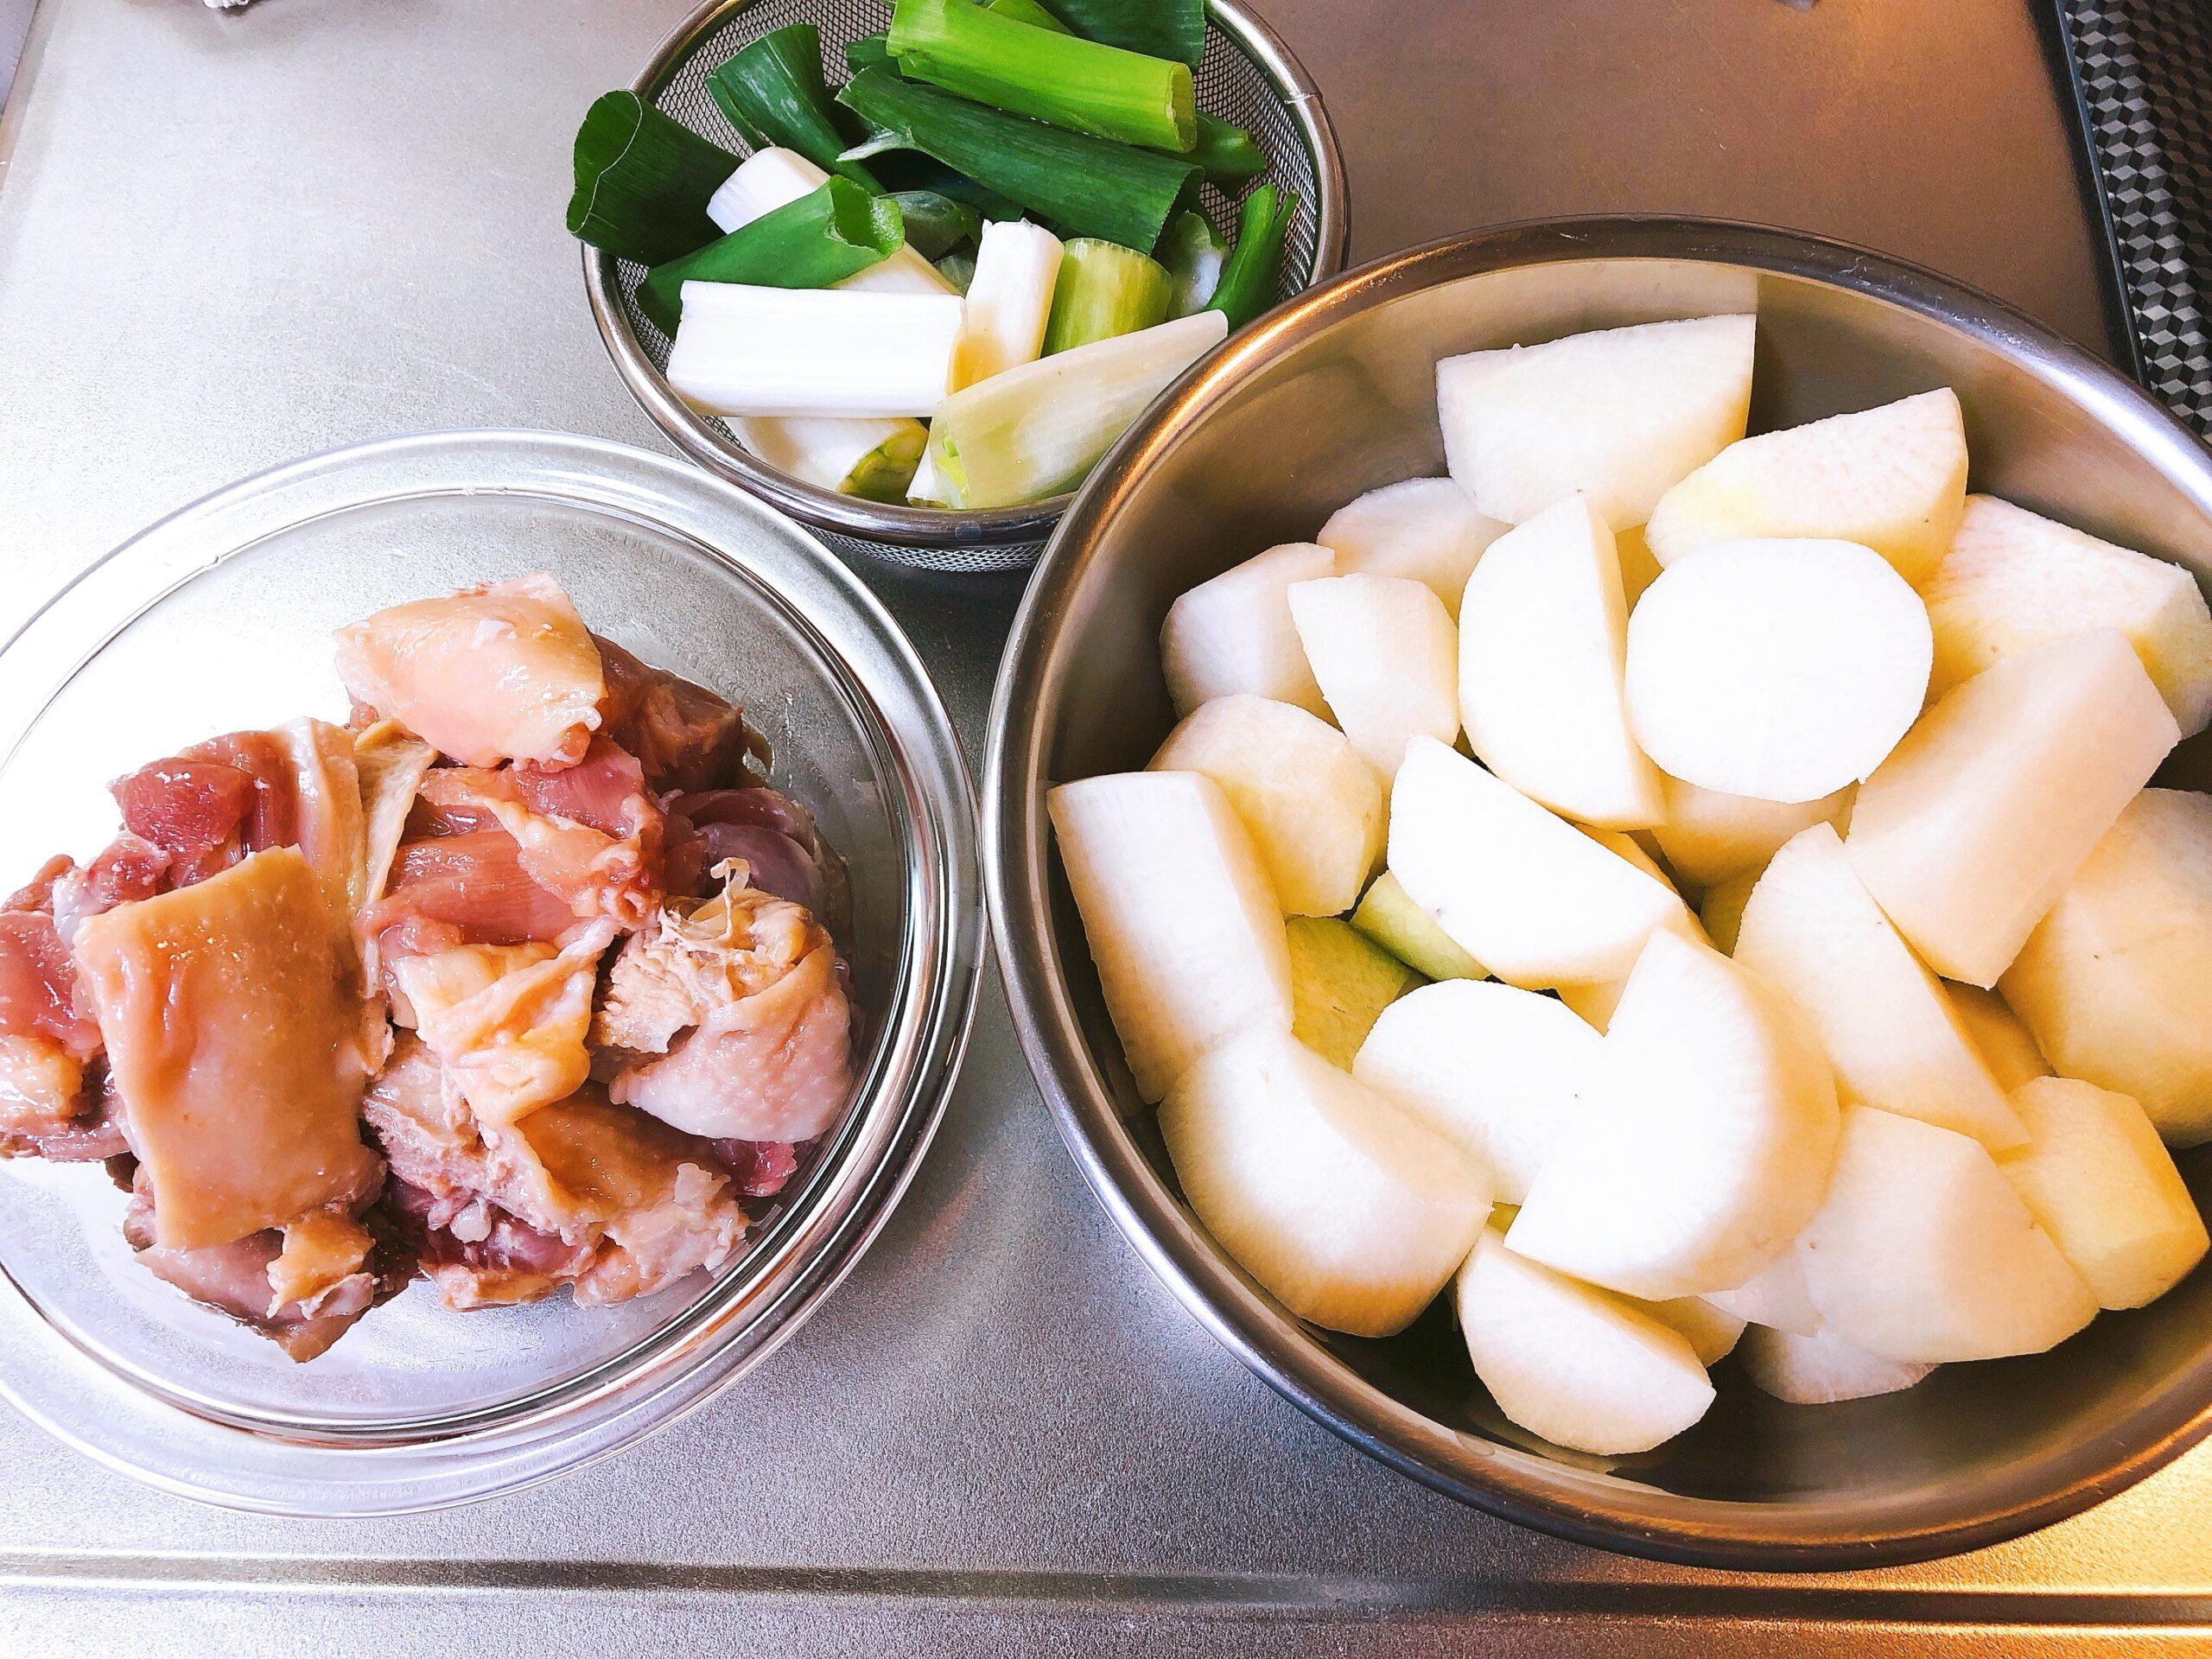 鶏肉と大根の煮物具材